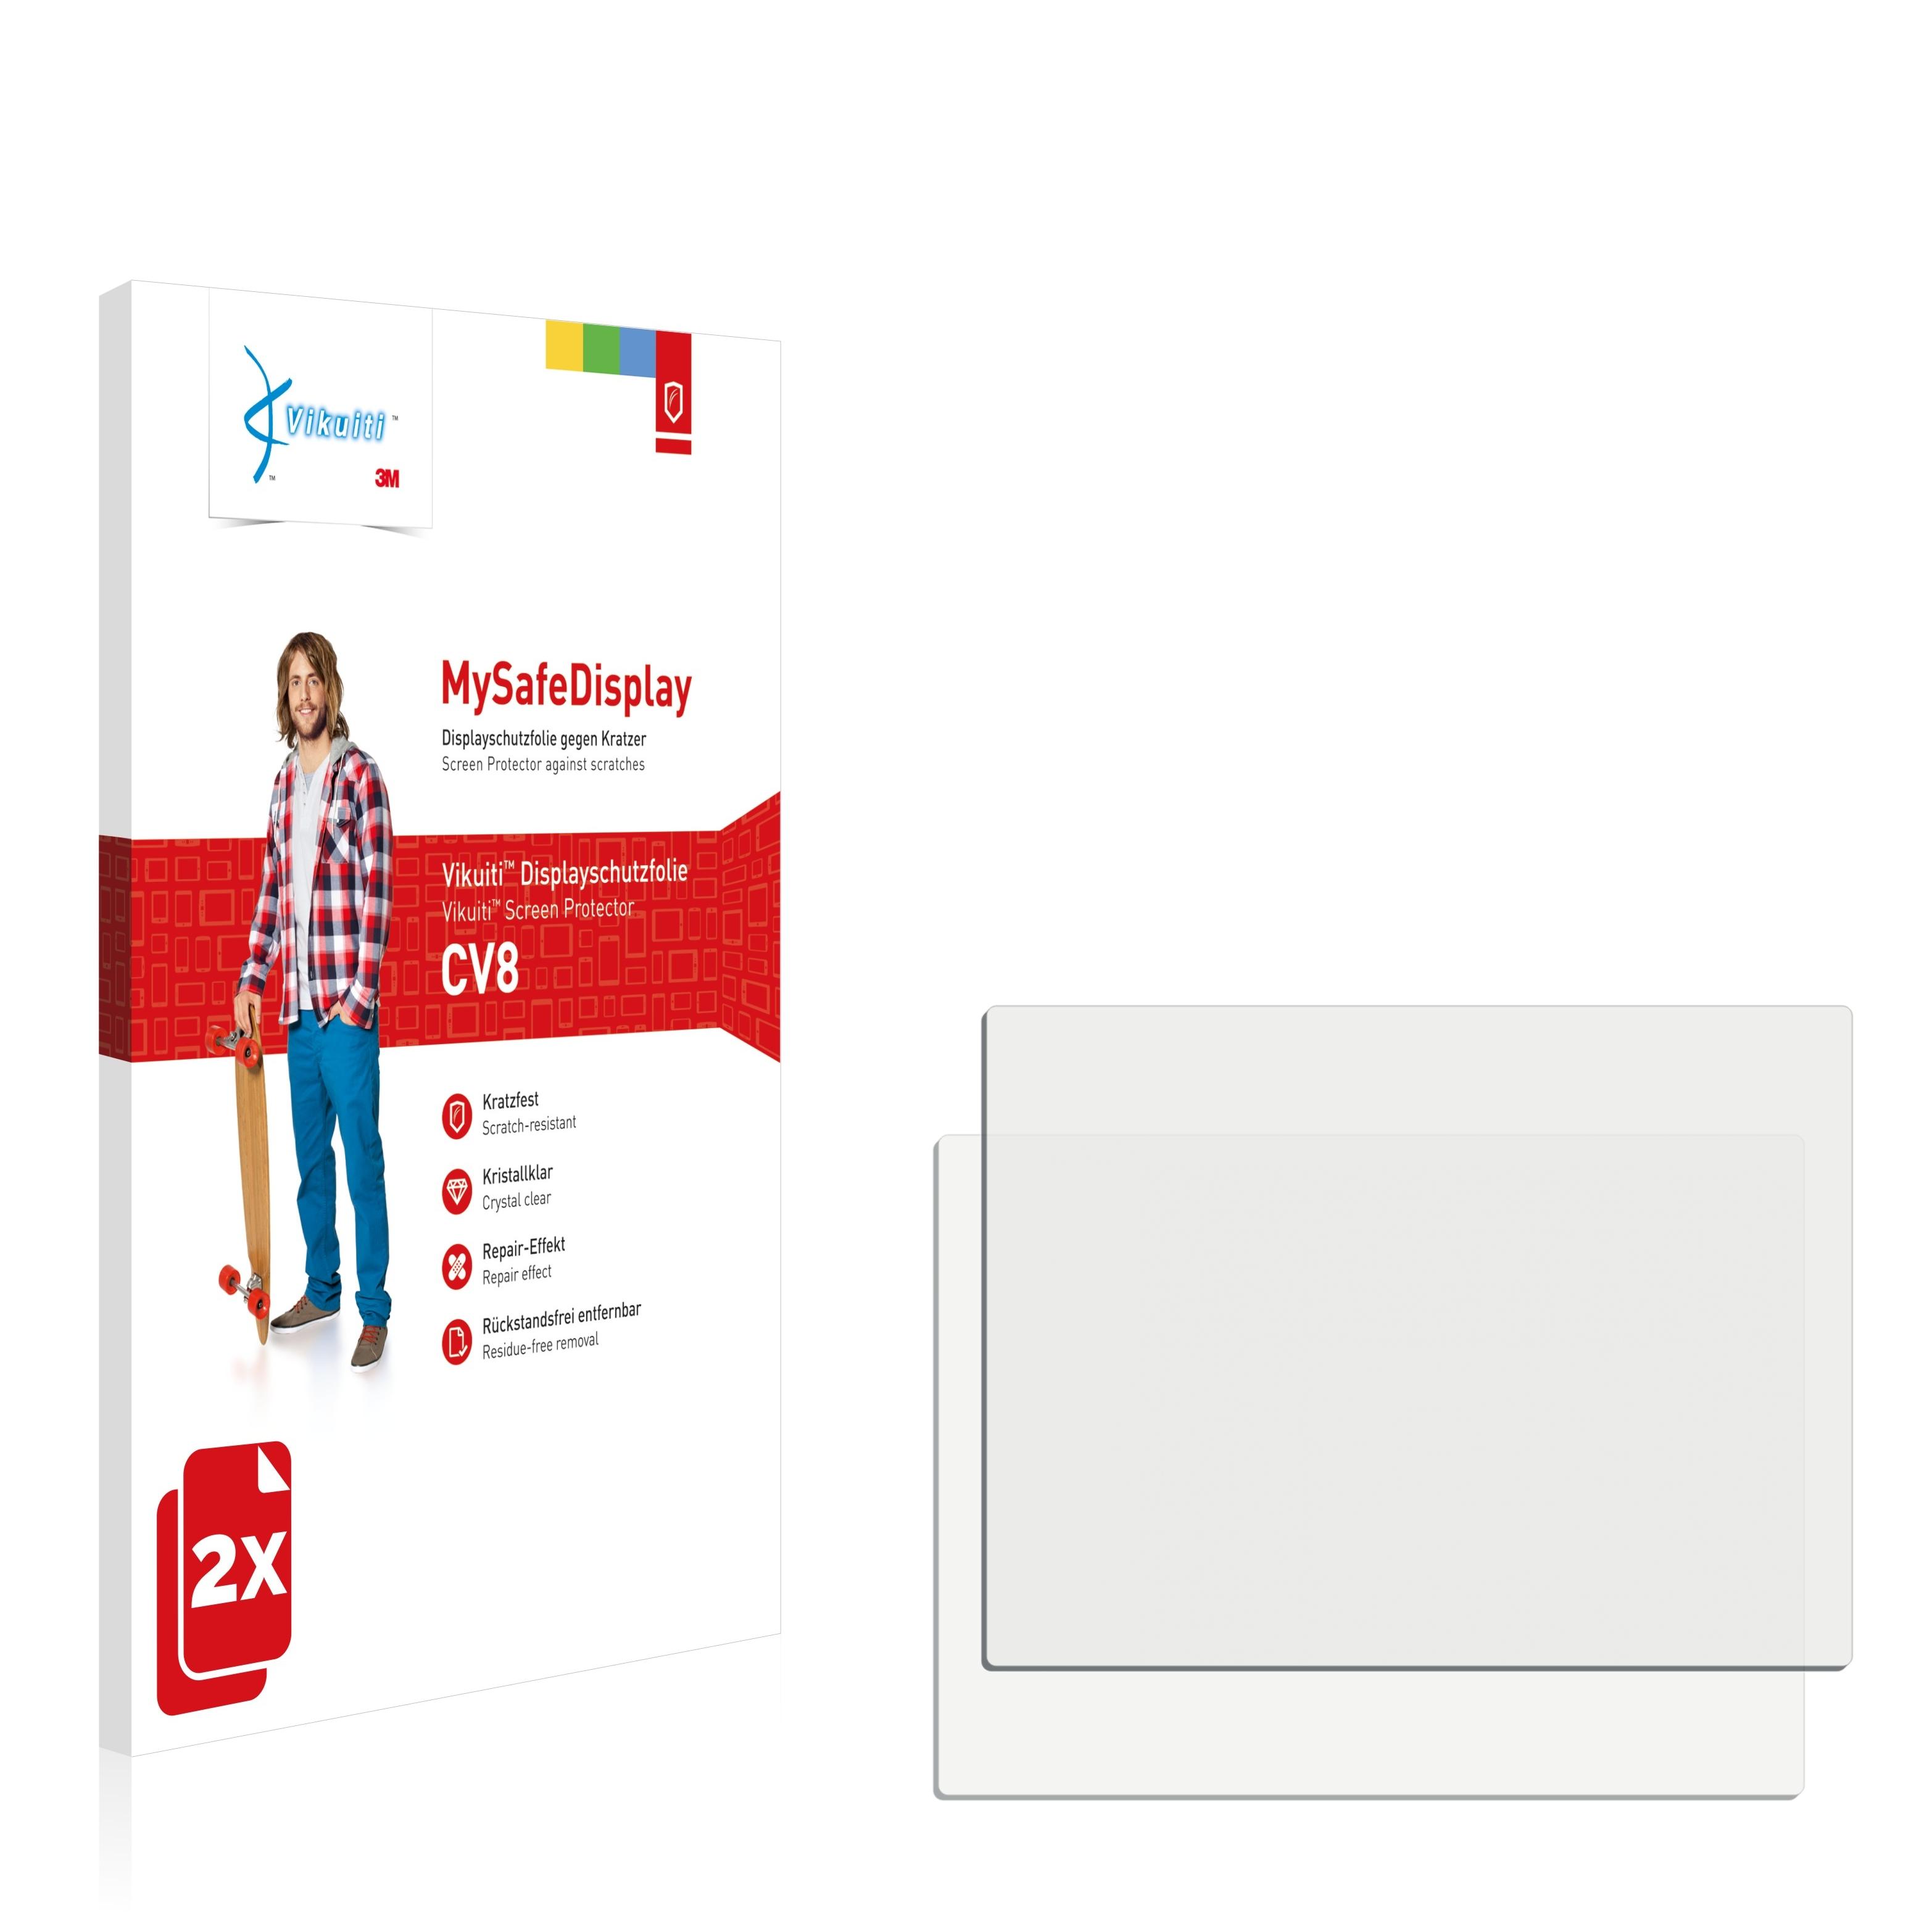 2x Displayschutz Folie Klar für Samsung NX500 Schutzfolie Displayfolie